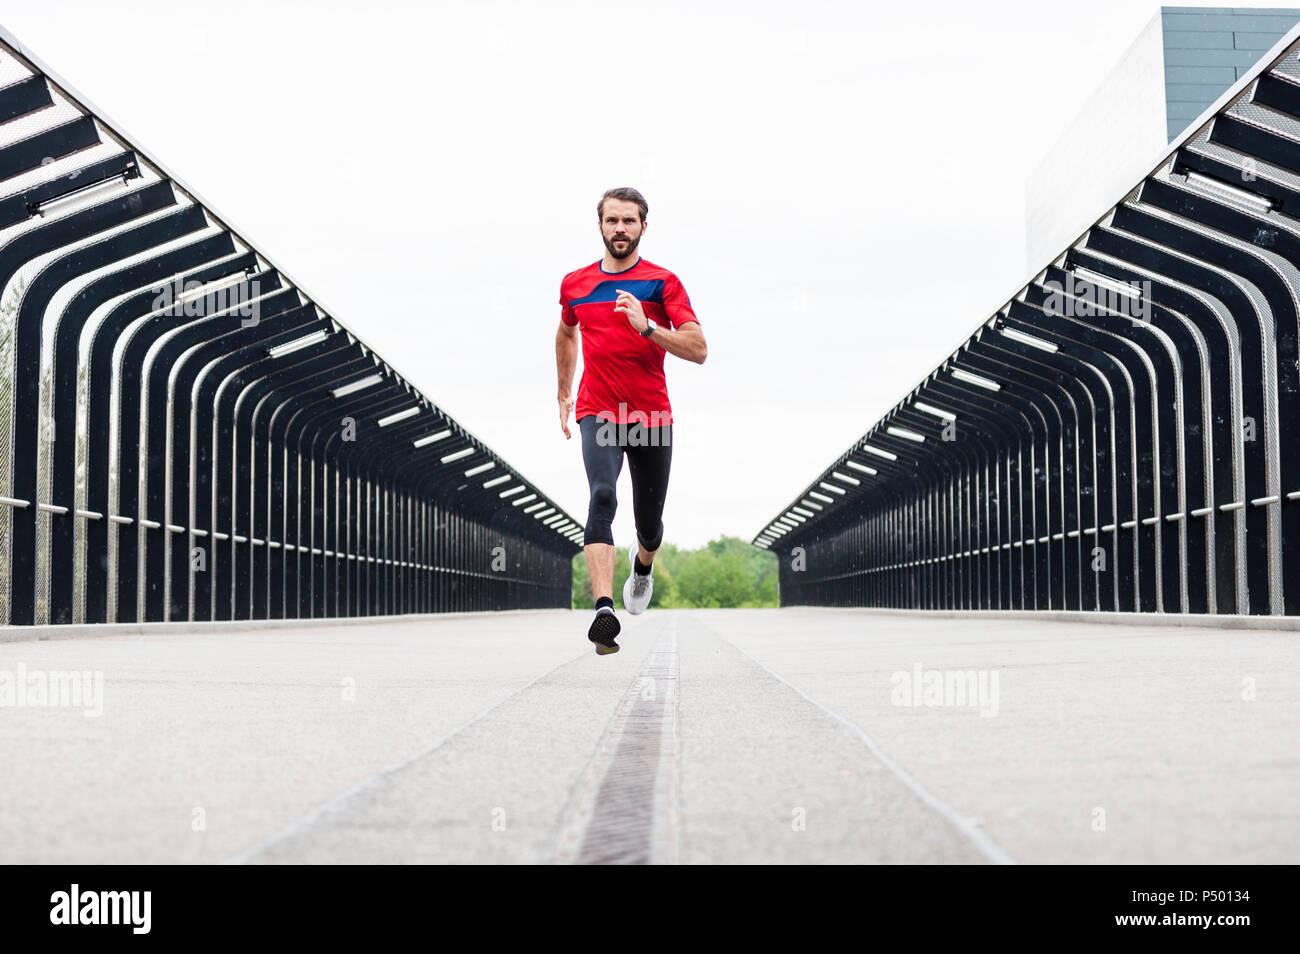 Hombre corriendo en un puente Imagen De Stock